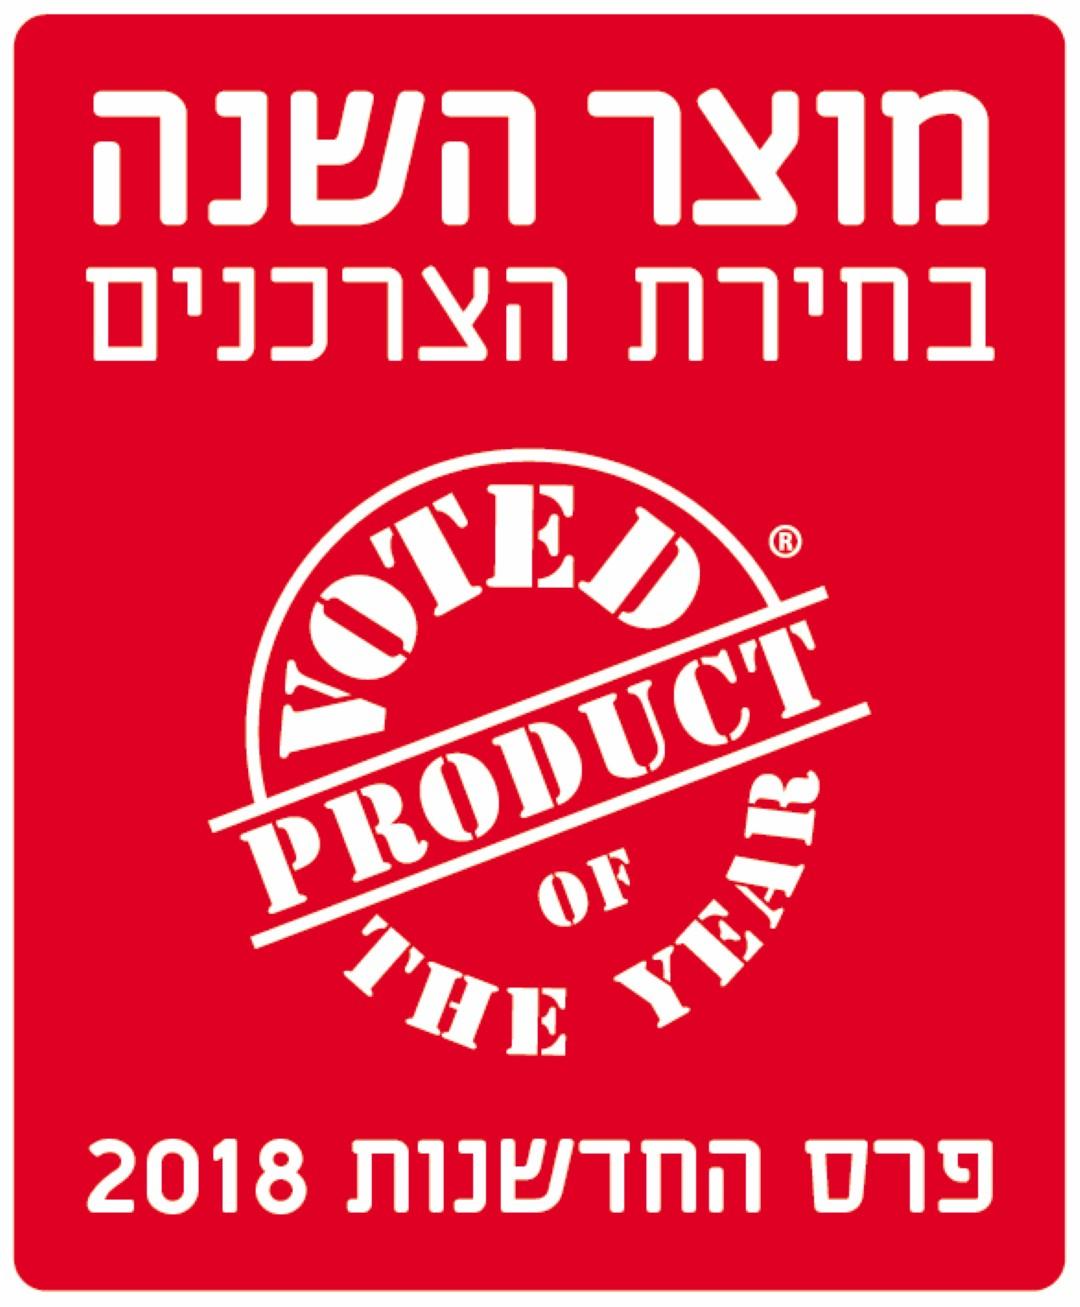 צילום: מוצר השנה